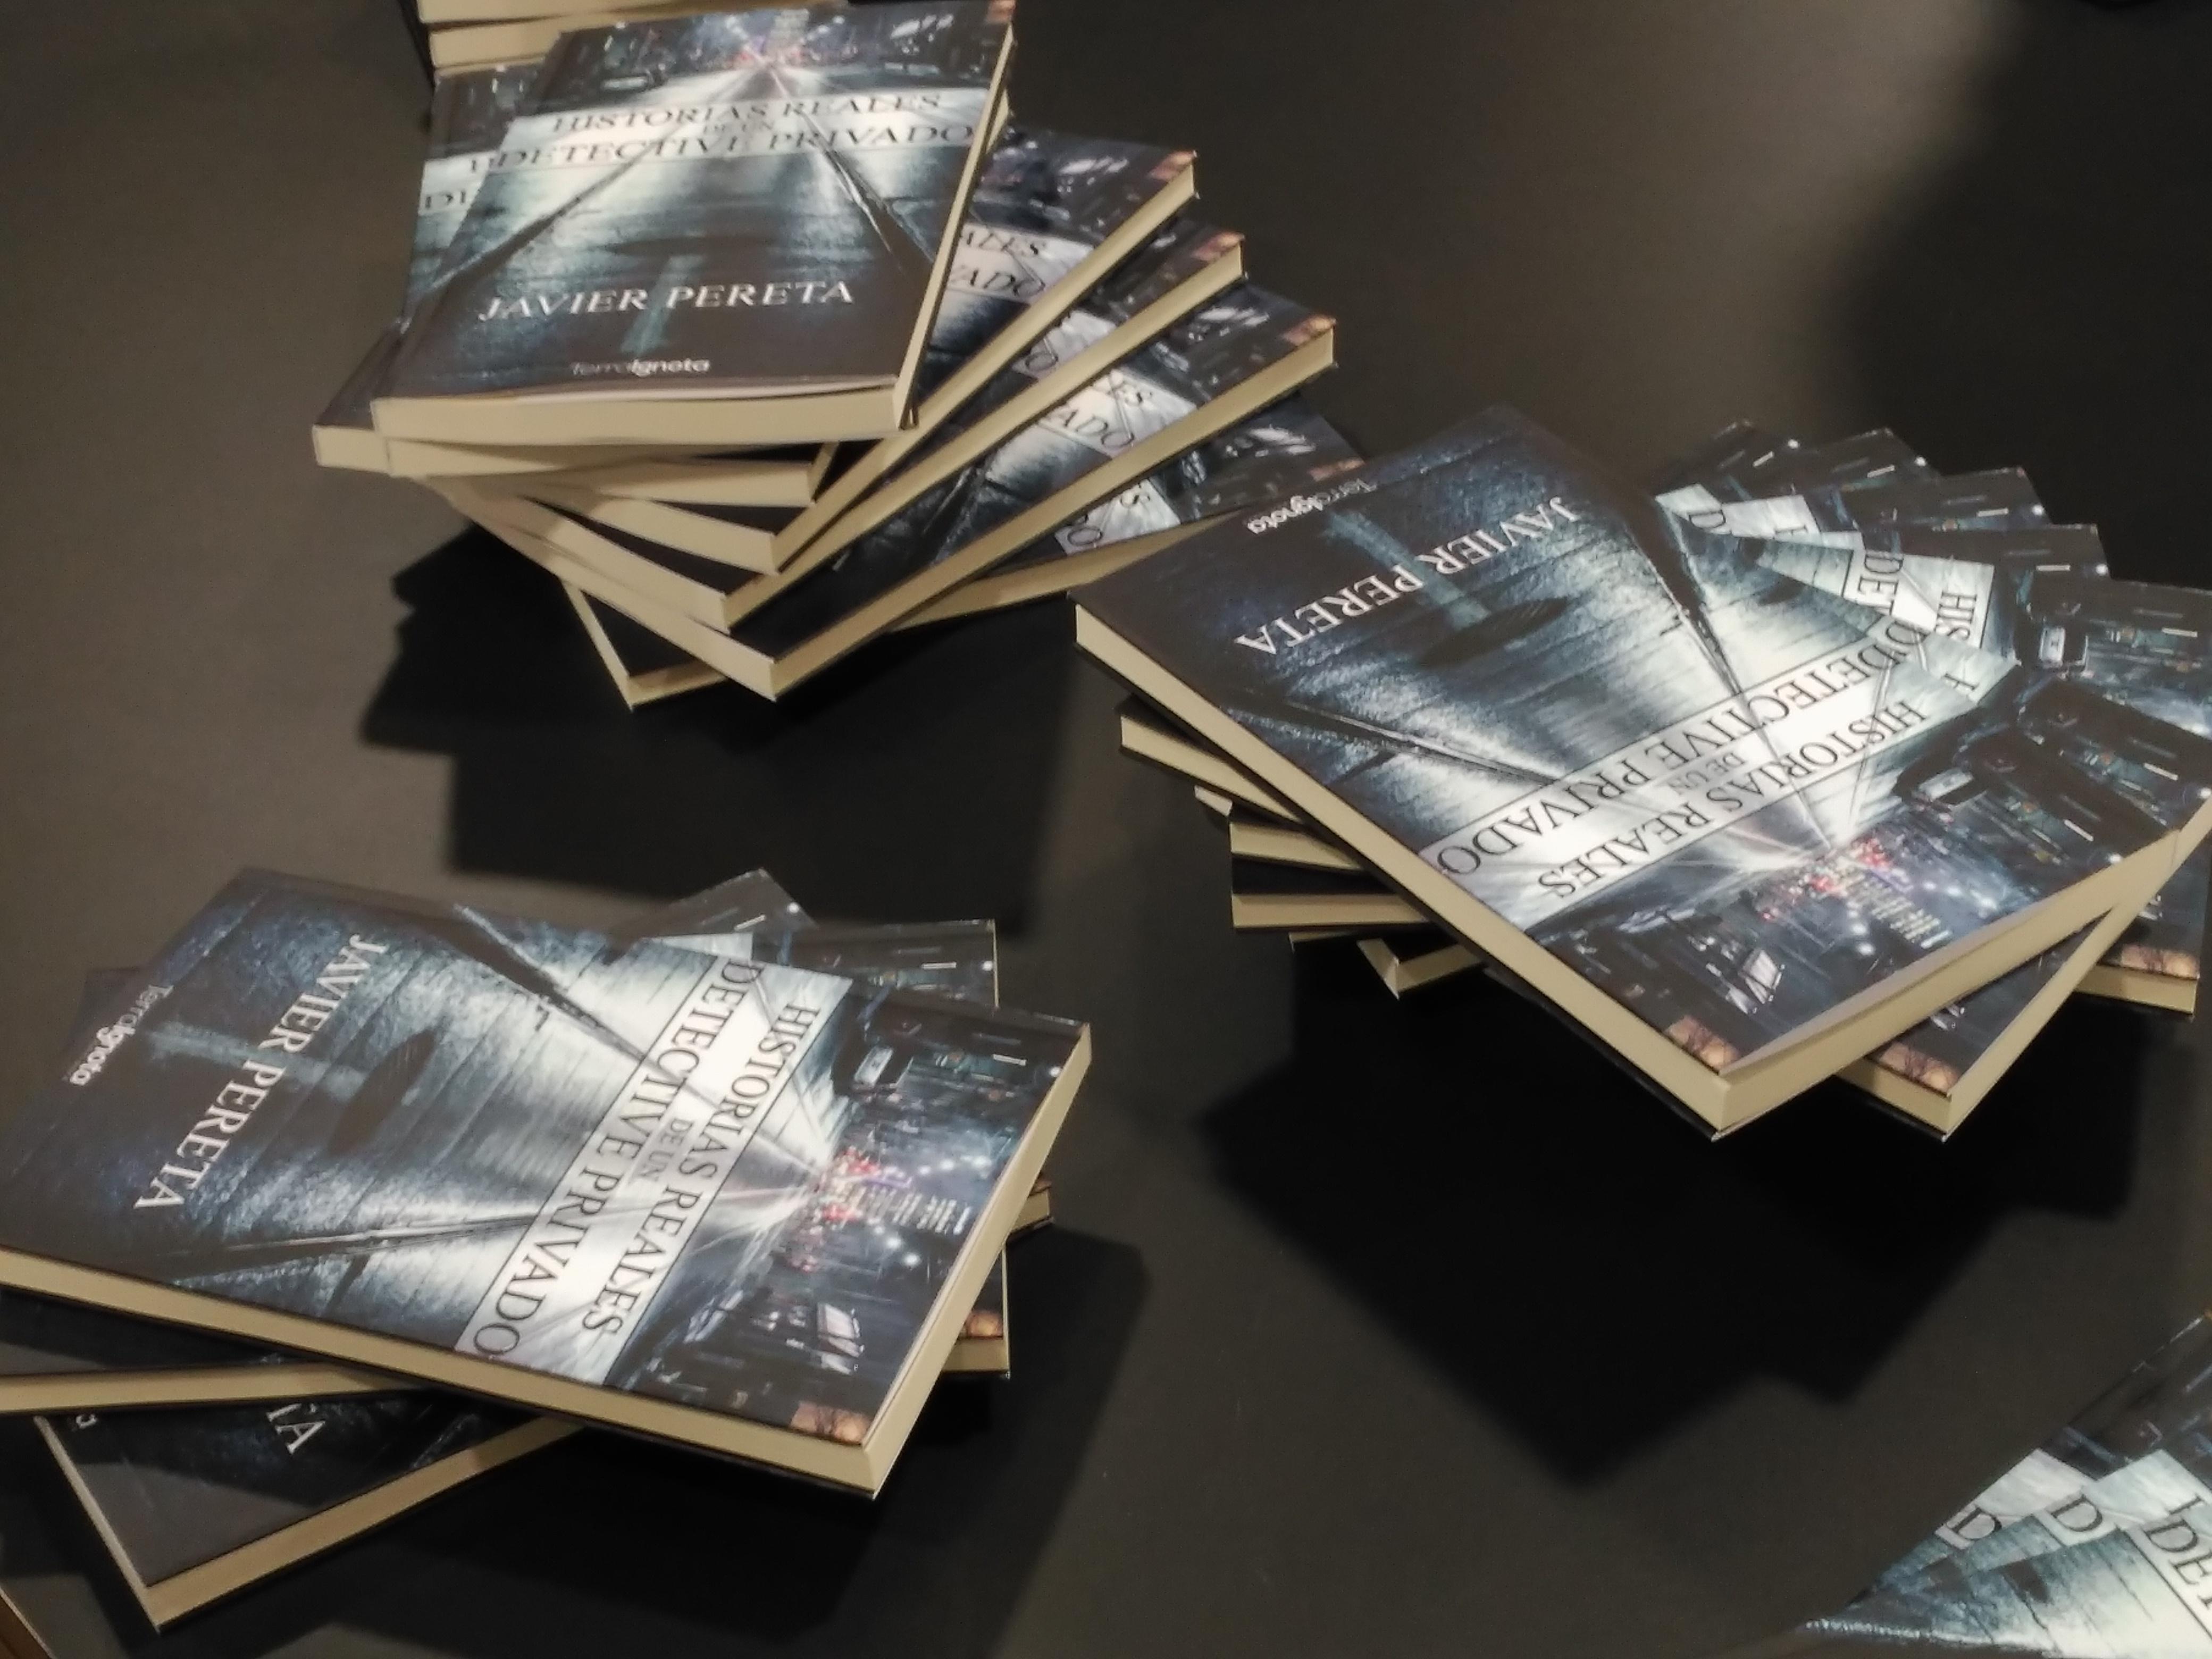 Publicar-un-libro-editar-Madrid-Barcelona-cataluña-españa-català-Andalucia-coedicion-autoedicion-historias-reales-de-un-detective-privado-javier-pereta-1